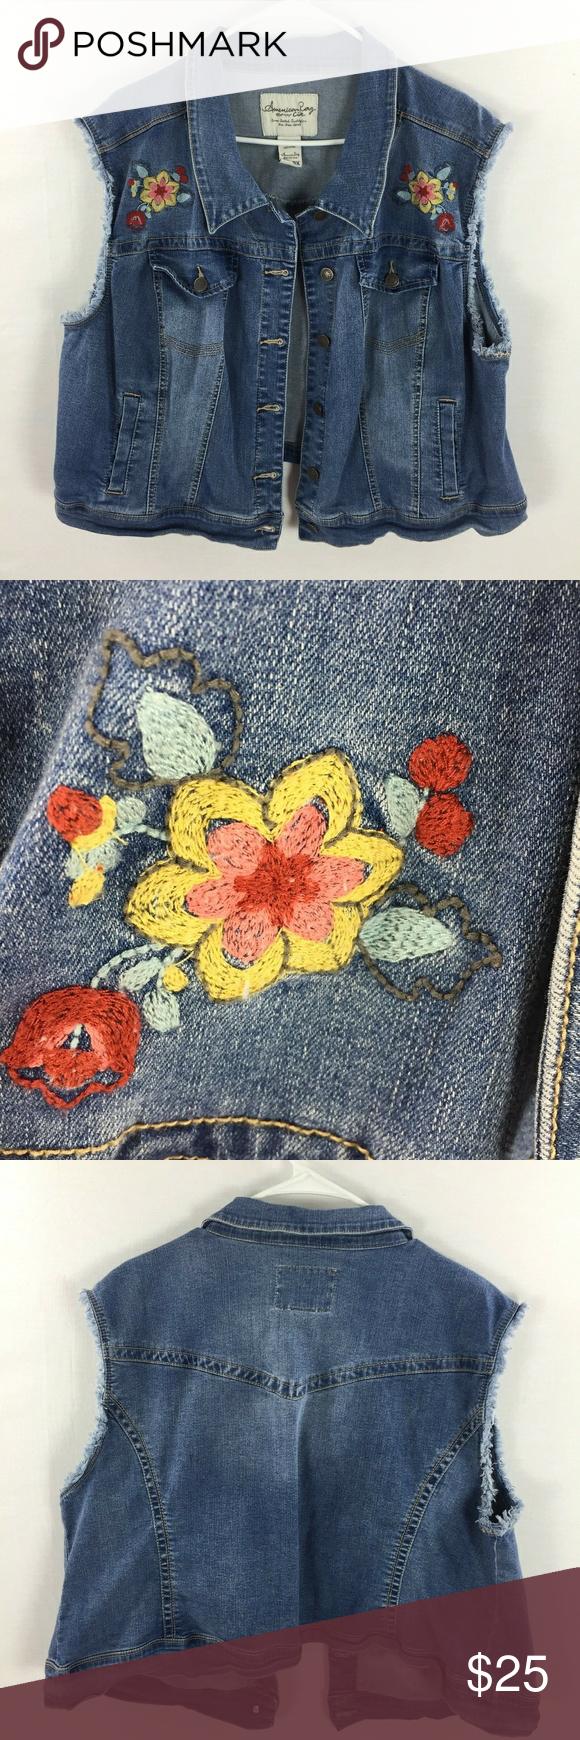 f386635fc74d4e American Rag Cie embroidered jean vest 3x American rag cie floral  embroidered sleeveless jean vest.